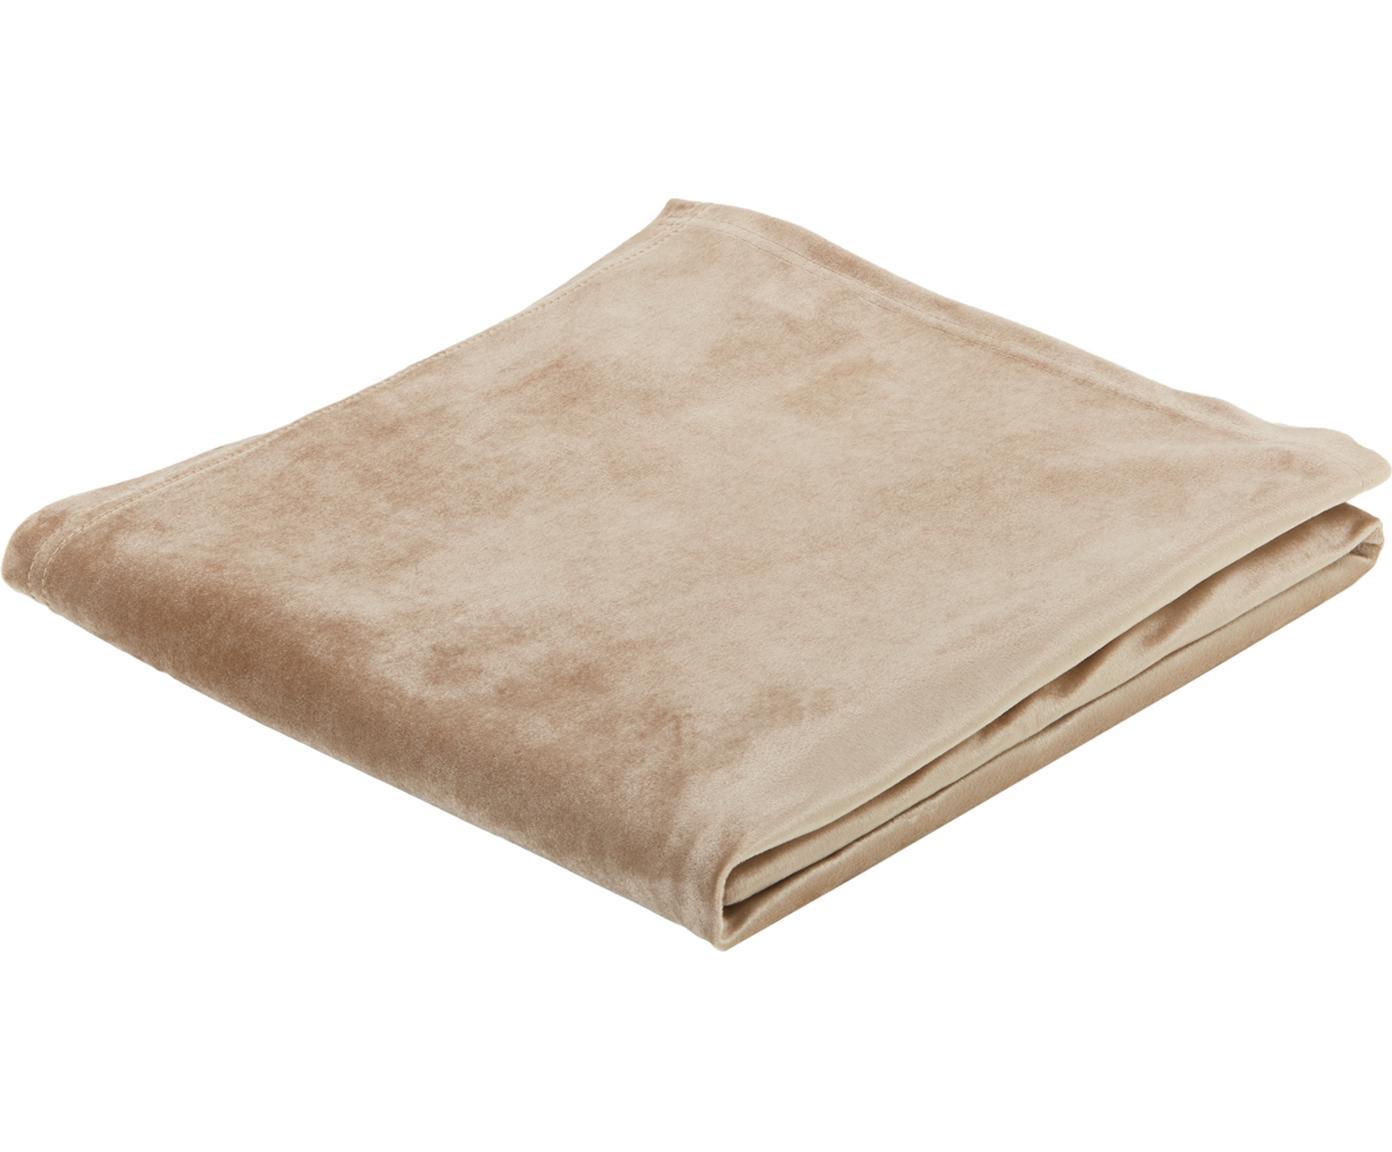 Samt-Tischdecke Simone, Polyestersamt, Beige, Für 4 - 6 Personen (B 140 x L 200 cm)